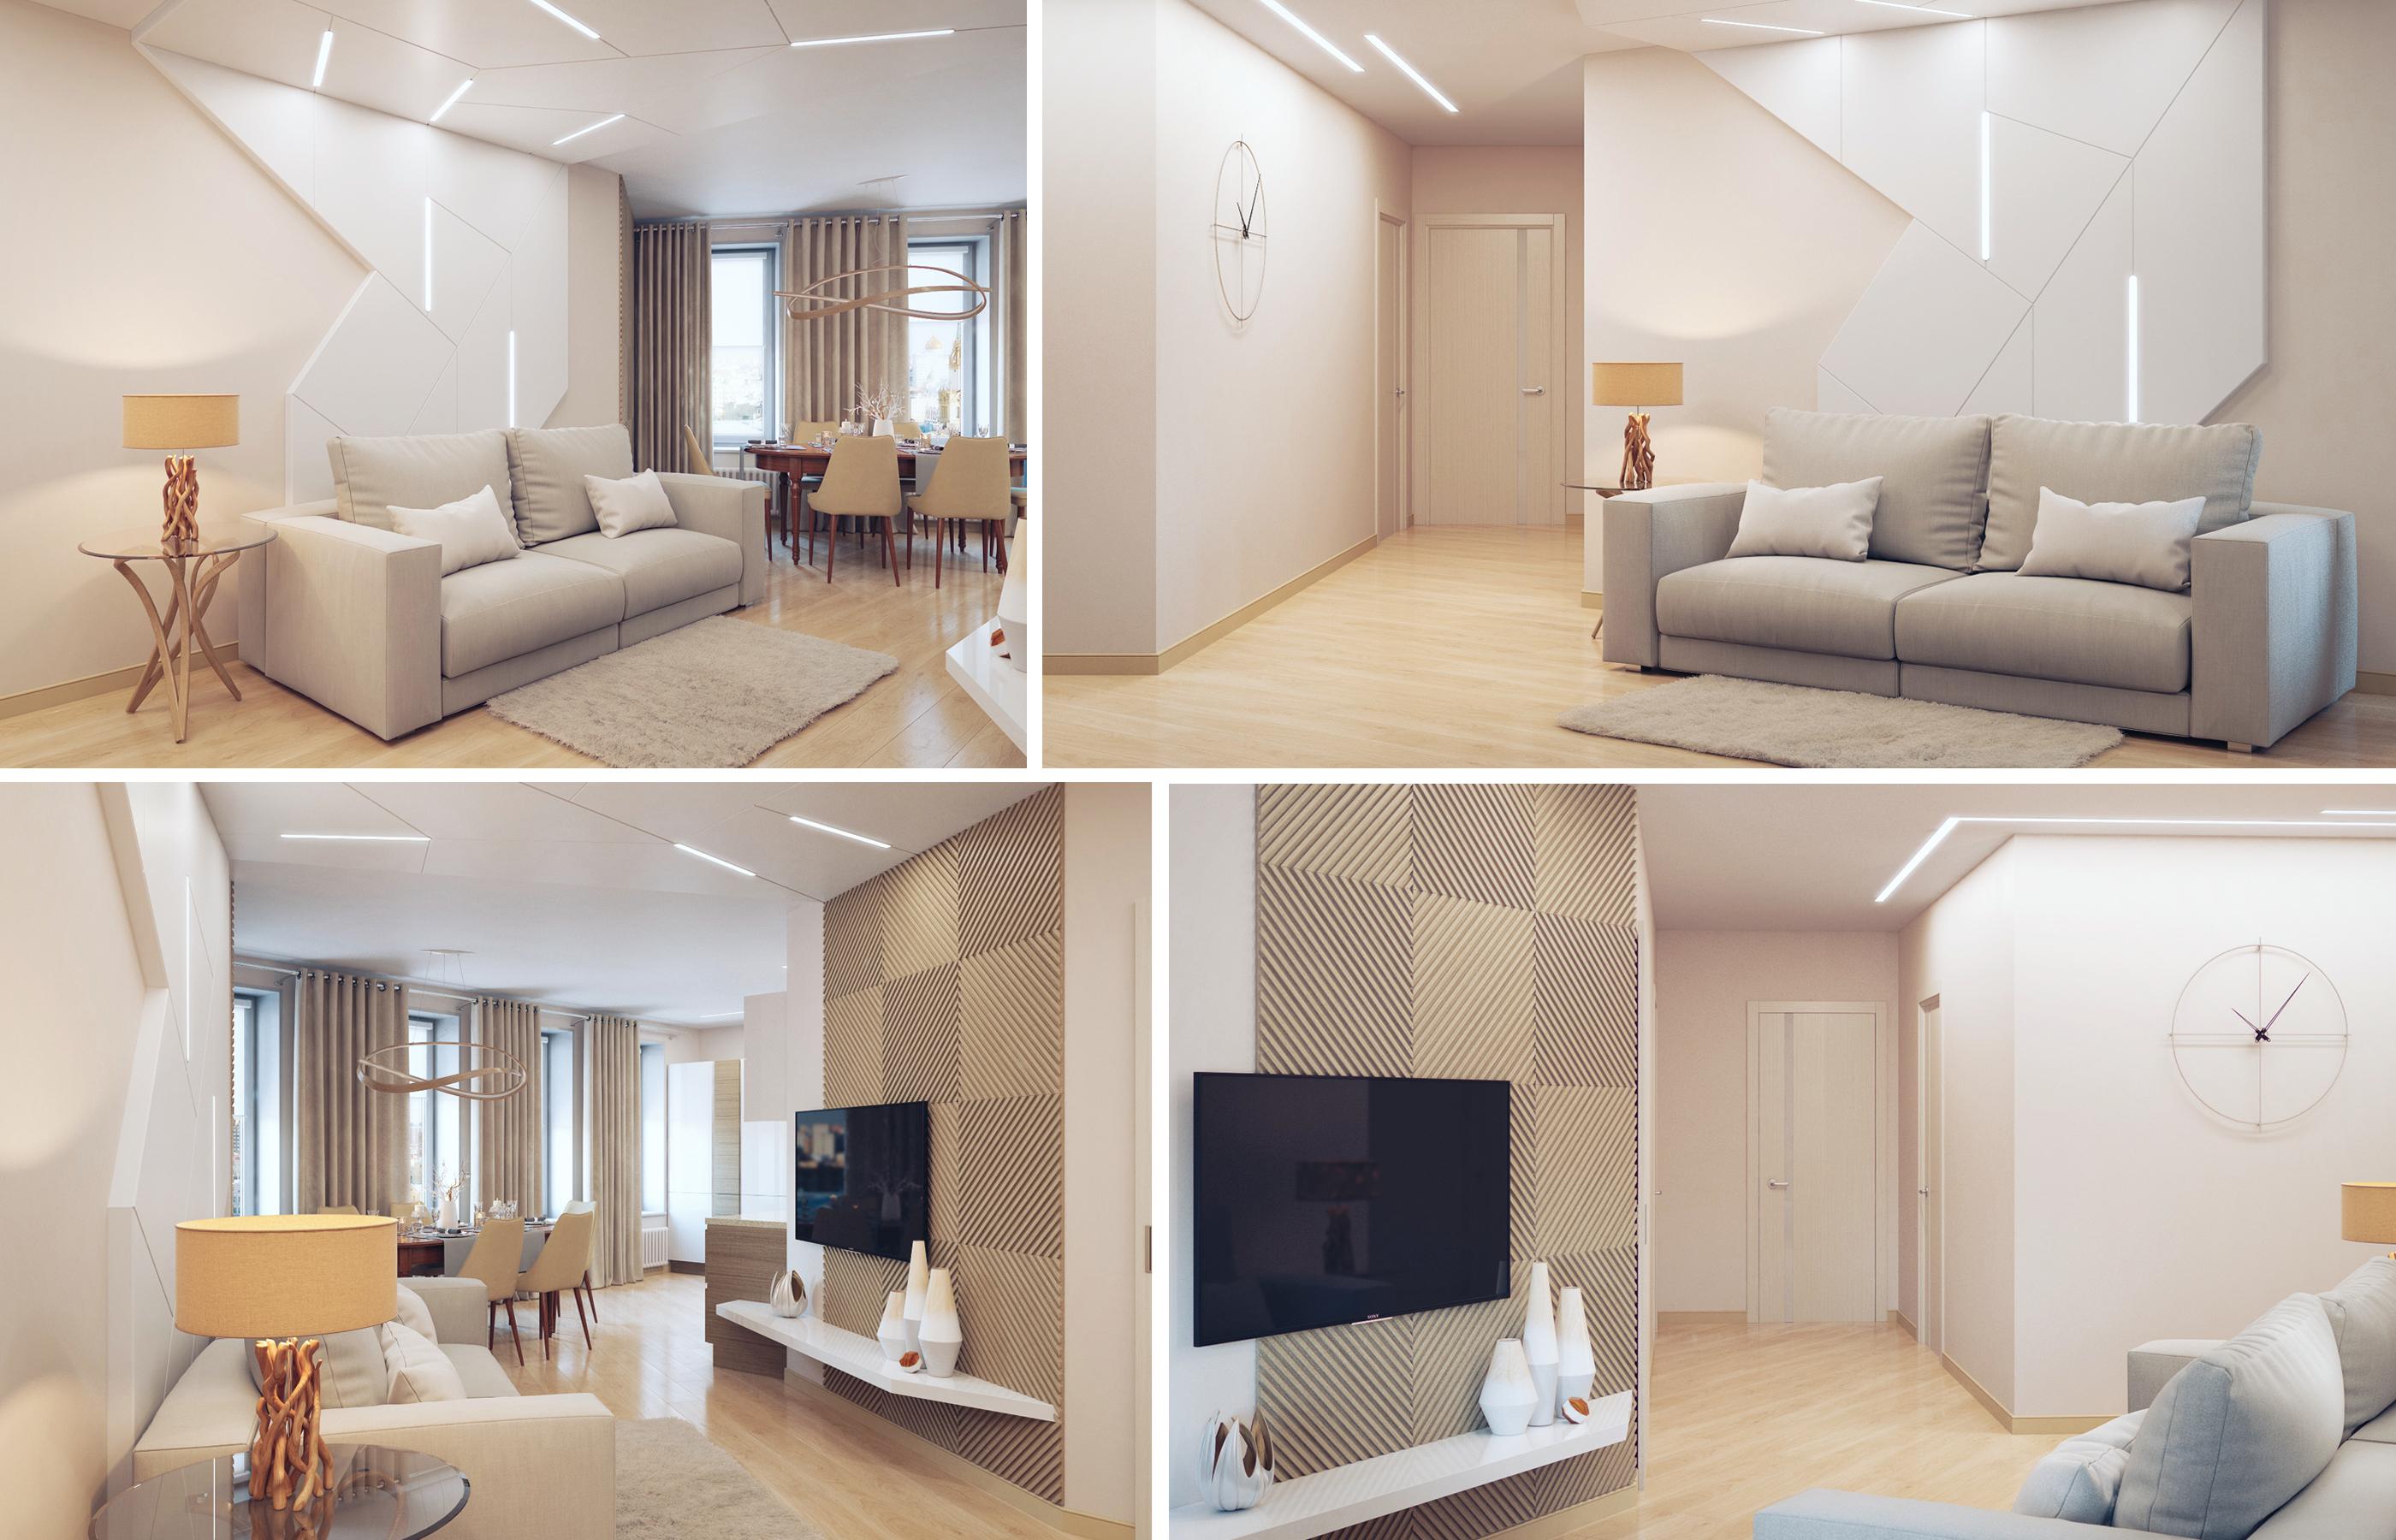 3Д панели в интерьере гостиной